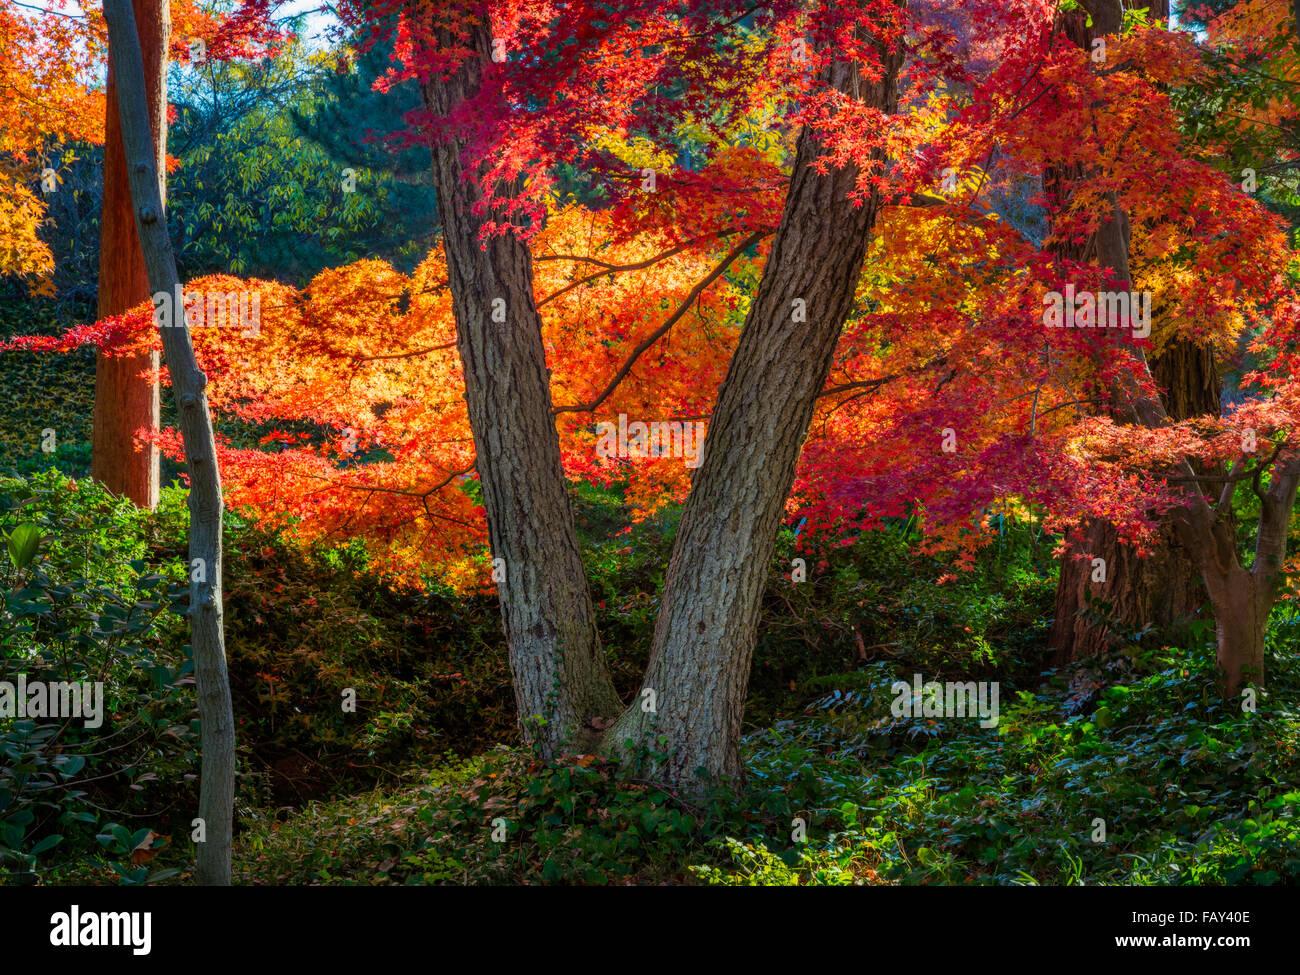 Le Fort Worth Japanese Garden est un jardin japonais 7,5 acres dans le Fort Worth (Texas) Botanic Garden Photo Stock